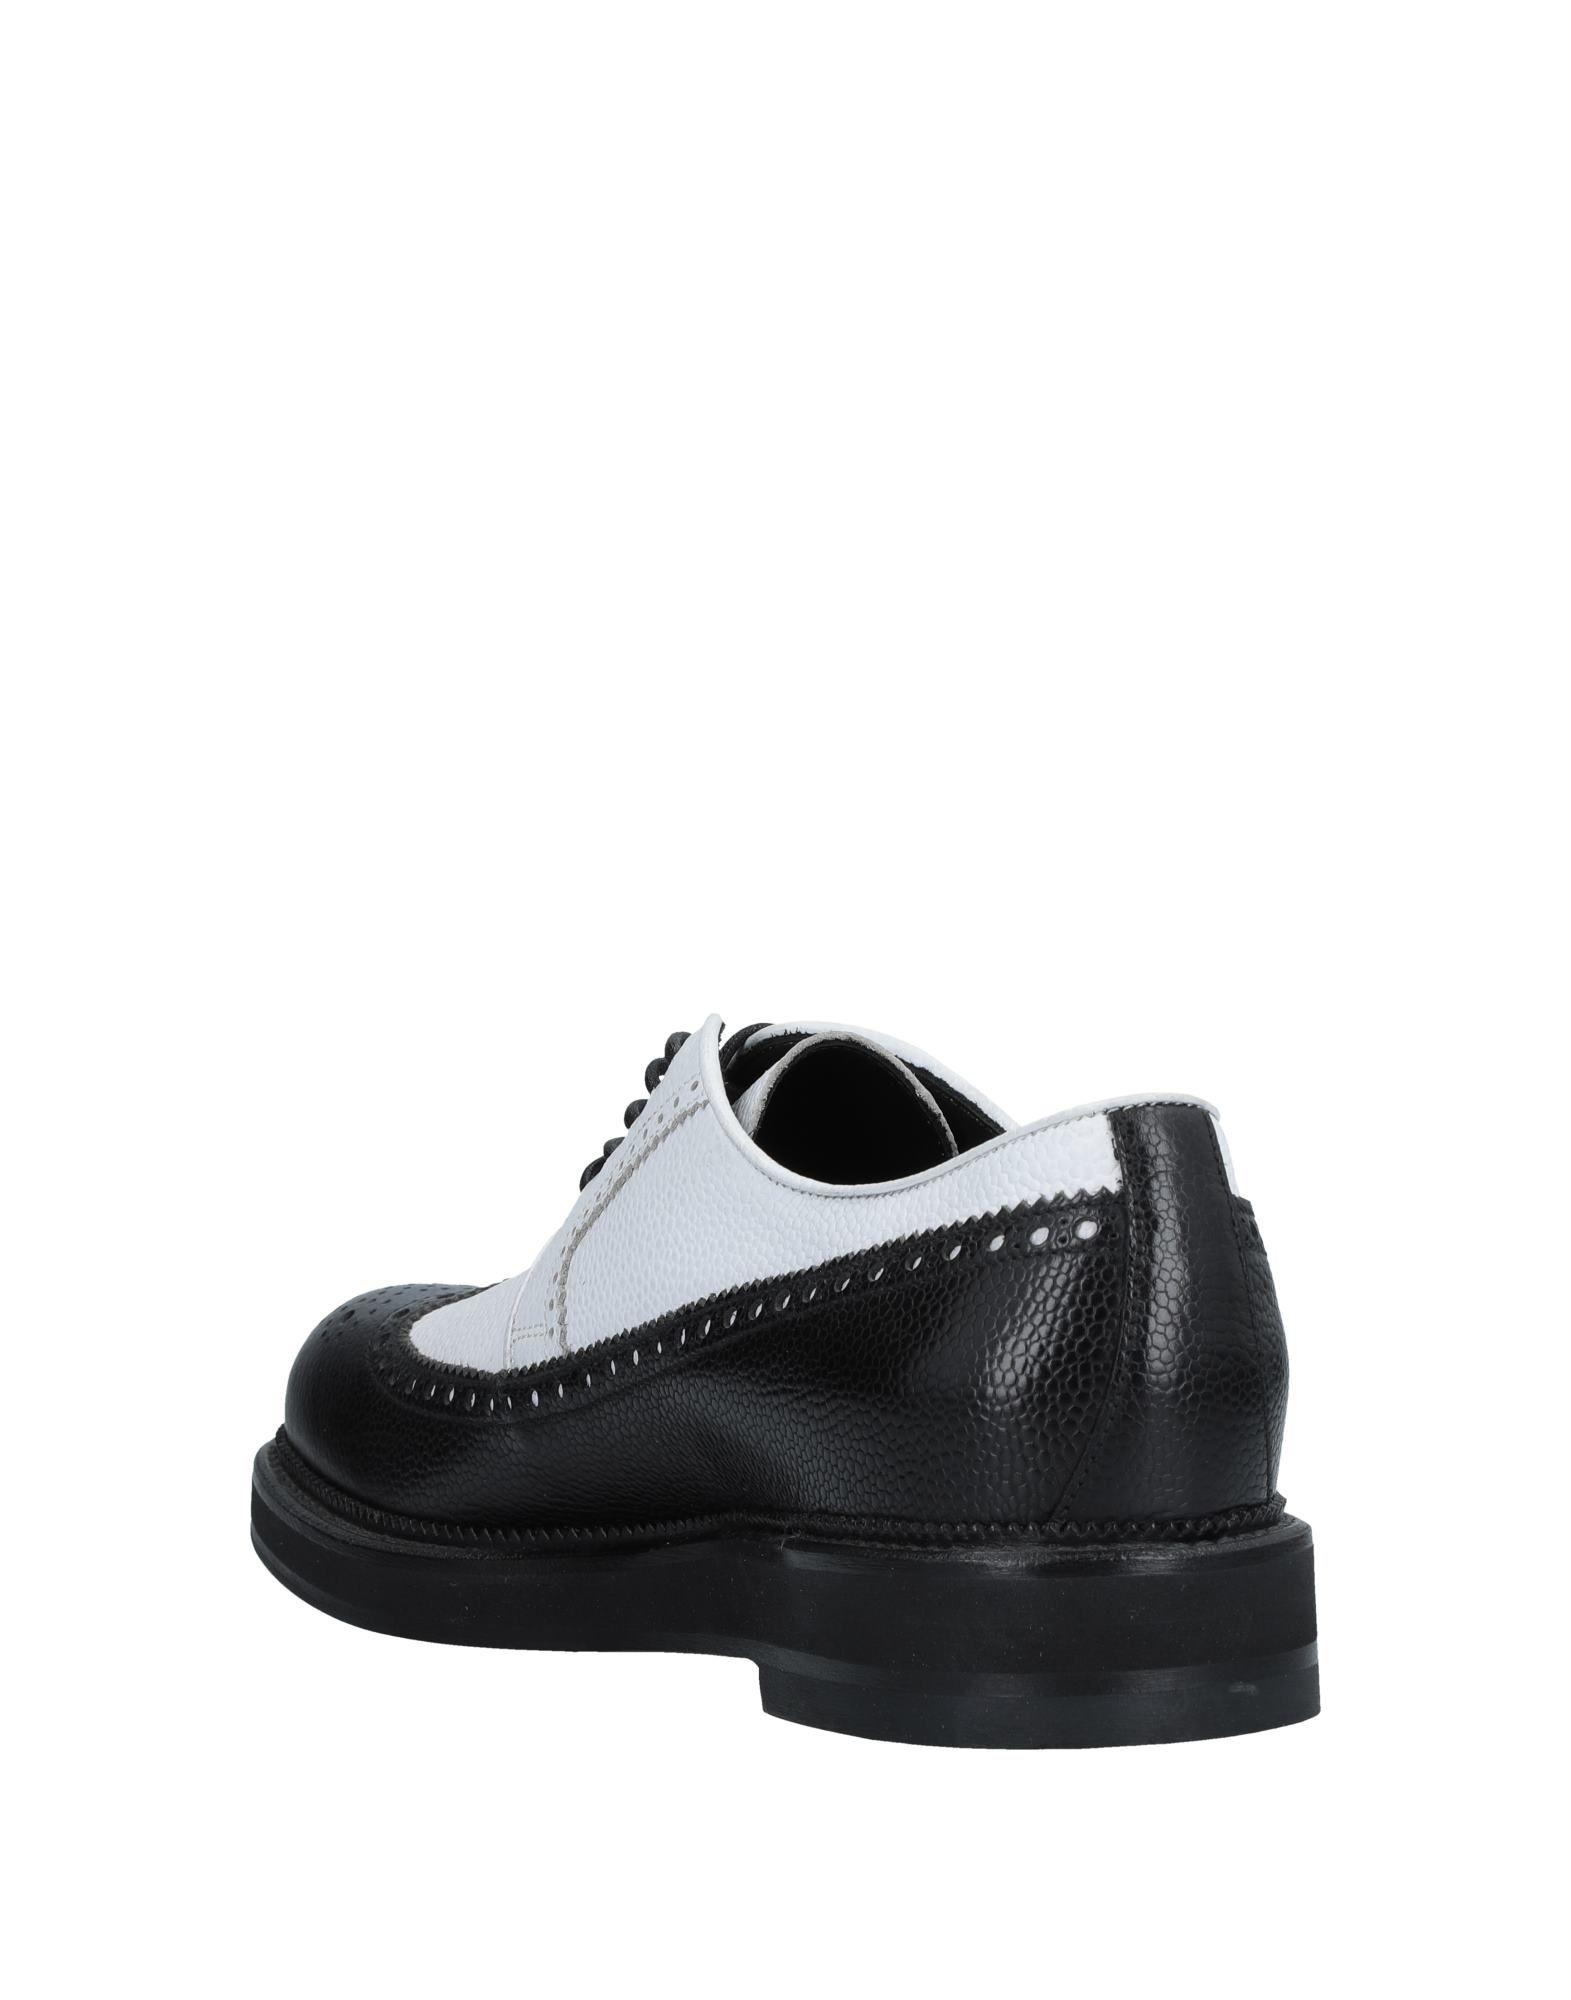 Raparo Schnürschuhe Herren  11537003JC Gute Qualität beliebte Schuhe